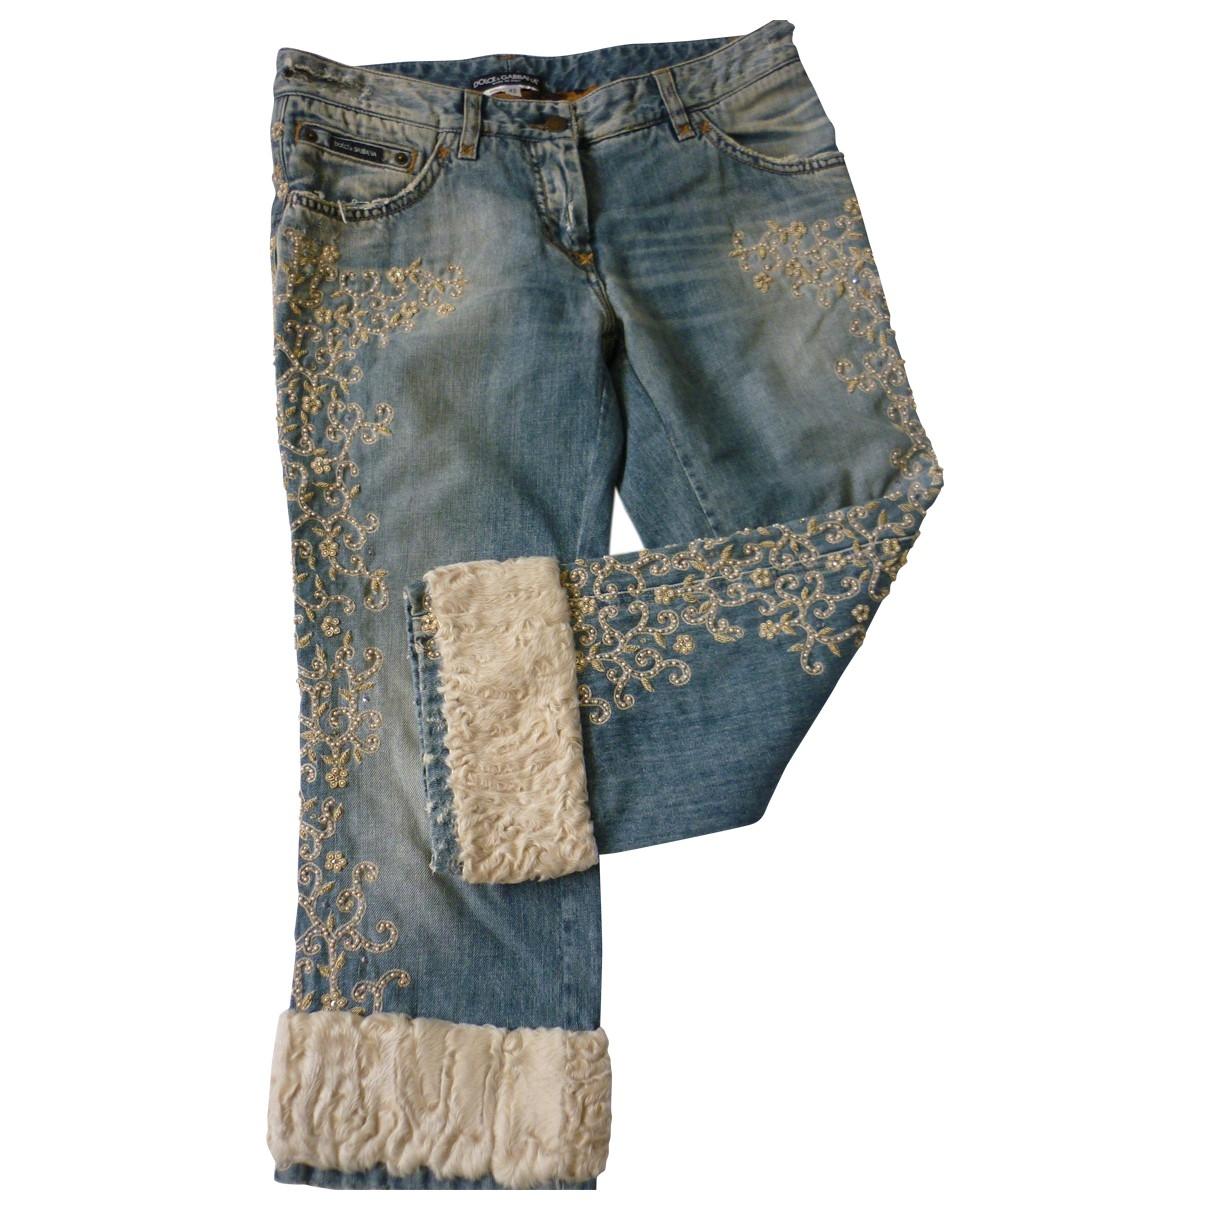 Dolce & Gabbana \N Blue Denim - Jeans Trousers for Women 42 IT